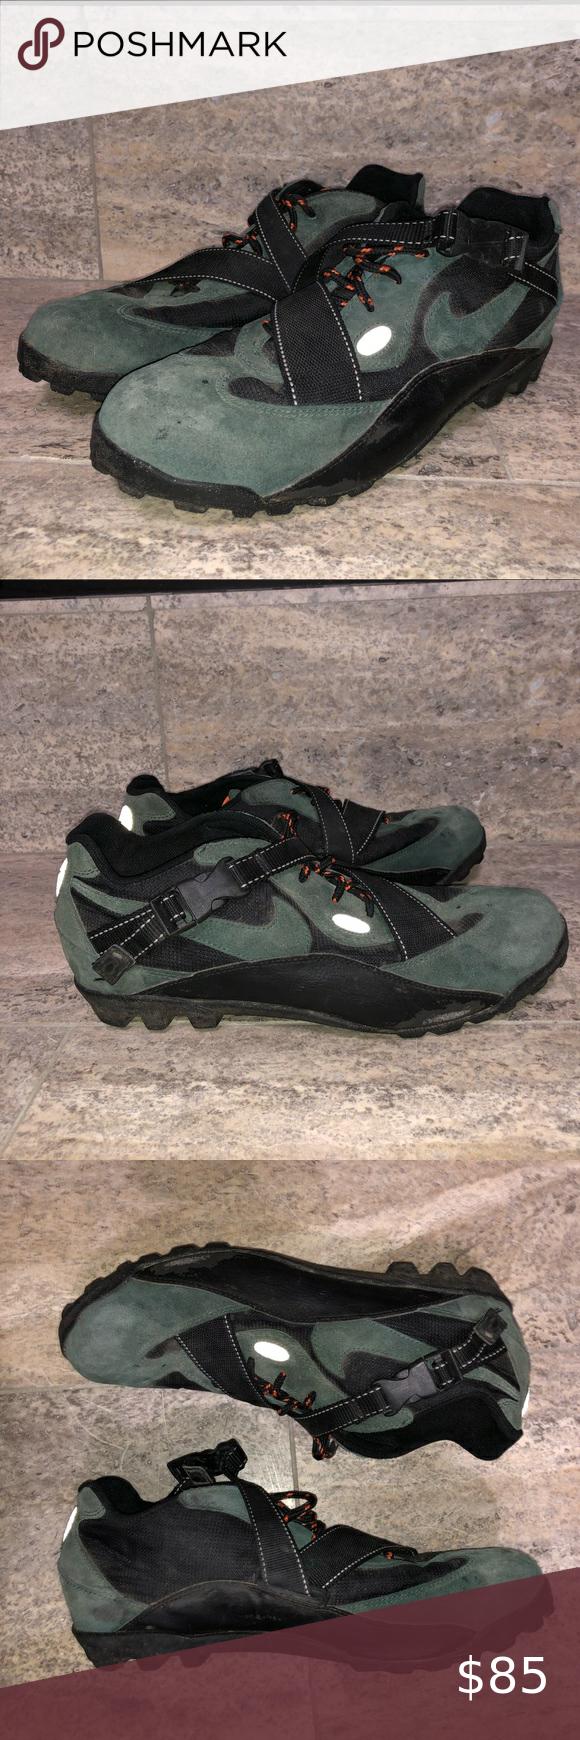 por favor confirmar Nominal Lágrimas  Rare Vintage 90s Nike ACG 951101 Y2-3 Green Suede Rare Vintage 90s Nike ACG  951101 Y2-3 Green Suede Mountain Bike Shoes Cleats Size:… | Green suede, Nike  acg, Suede